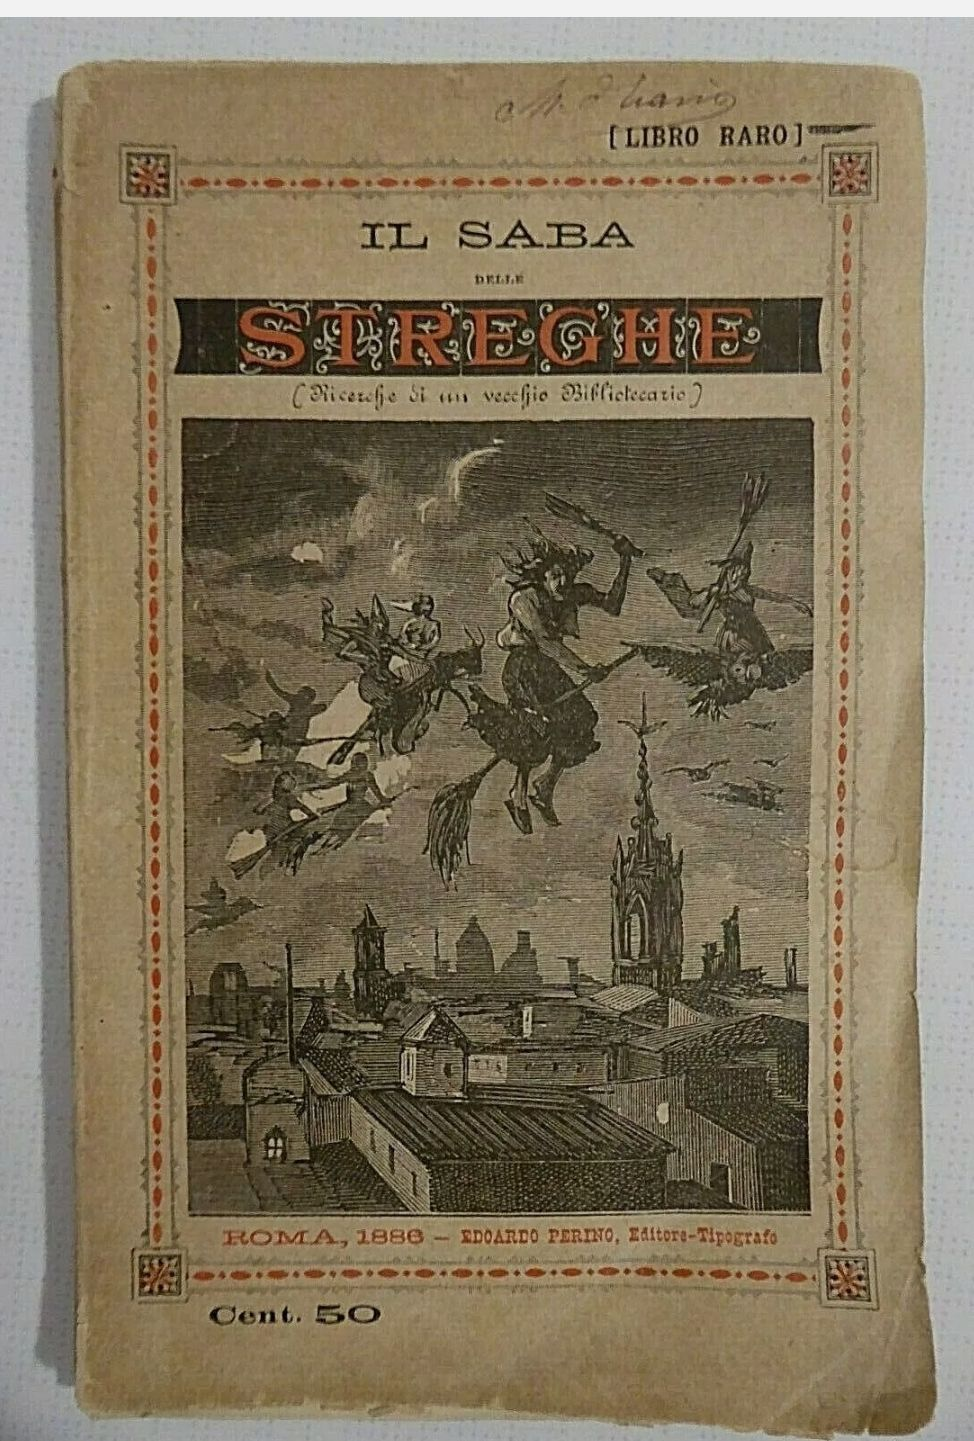 Il Saba delle Streghe: ricerche di un vecchio bibliotecario. Rarissimo su sortilegi, malefici ed incantesimi